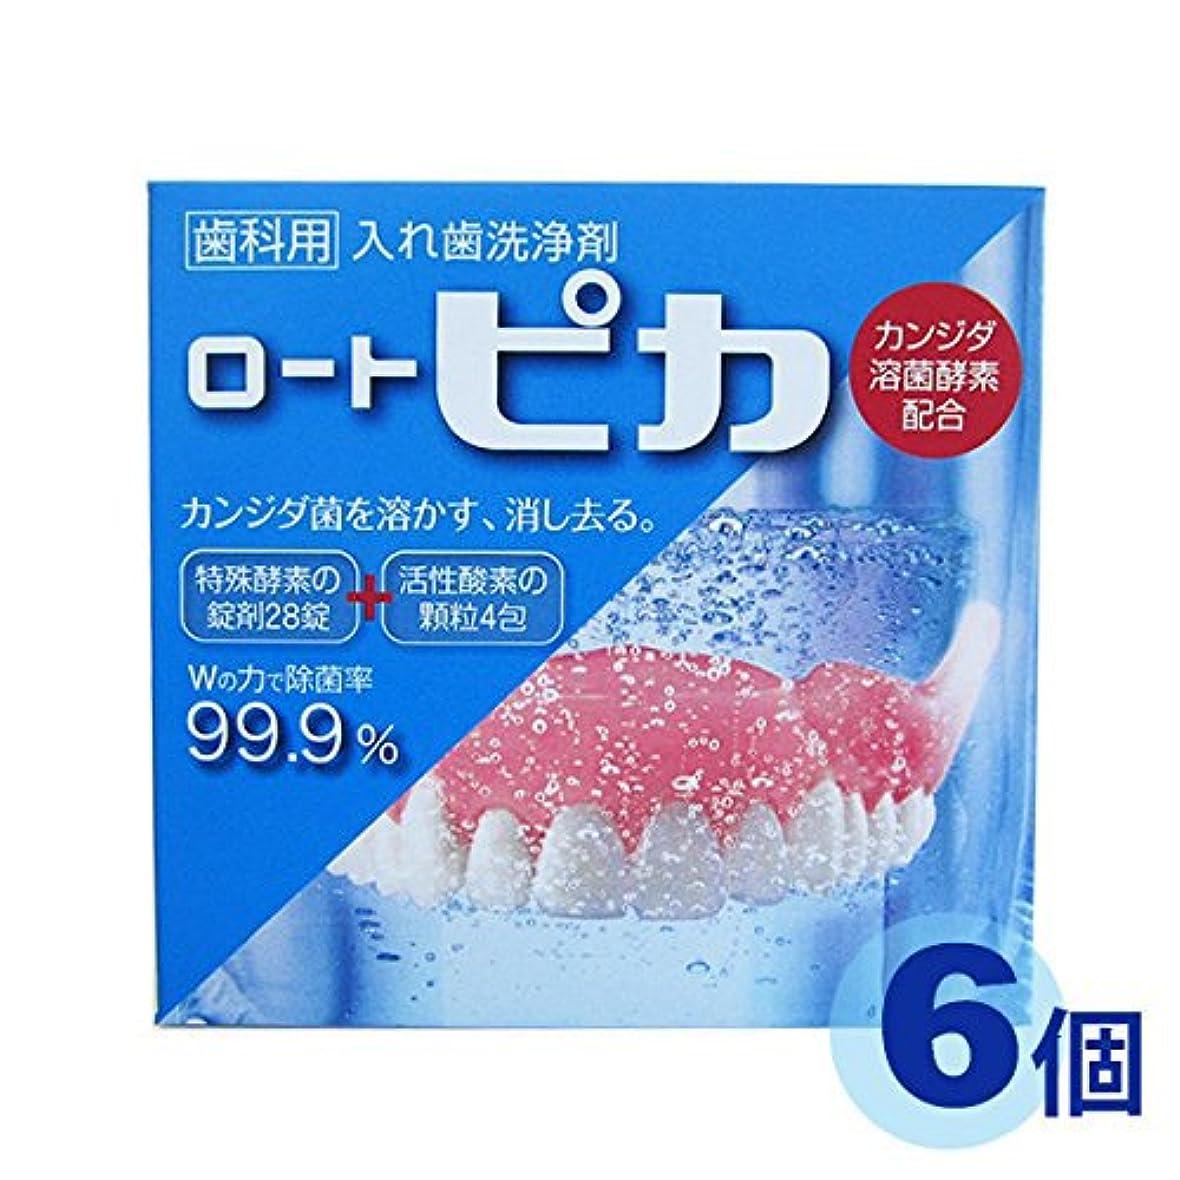 ロート 【6個セット】【高齢者?介護用口腔ケア】 ピカ 歯科用 義歯(入れ歯)洗浄剤 6個セット便不可